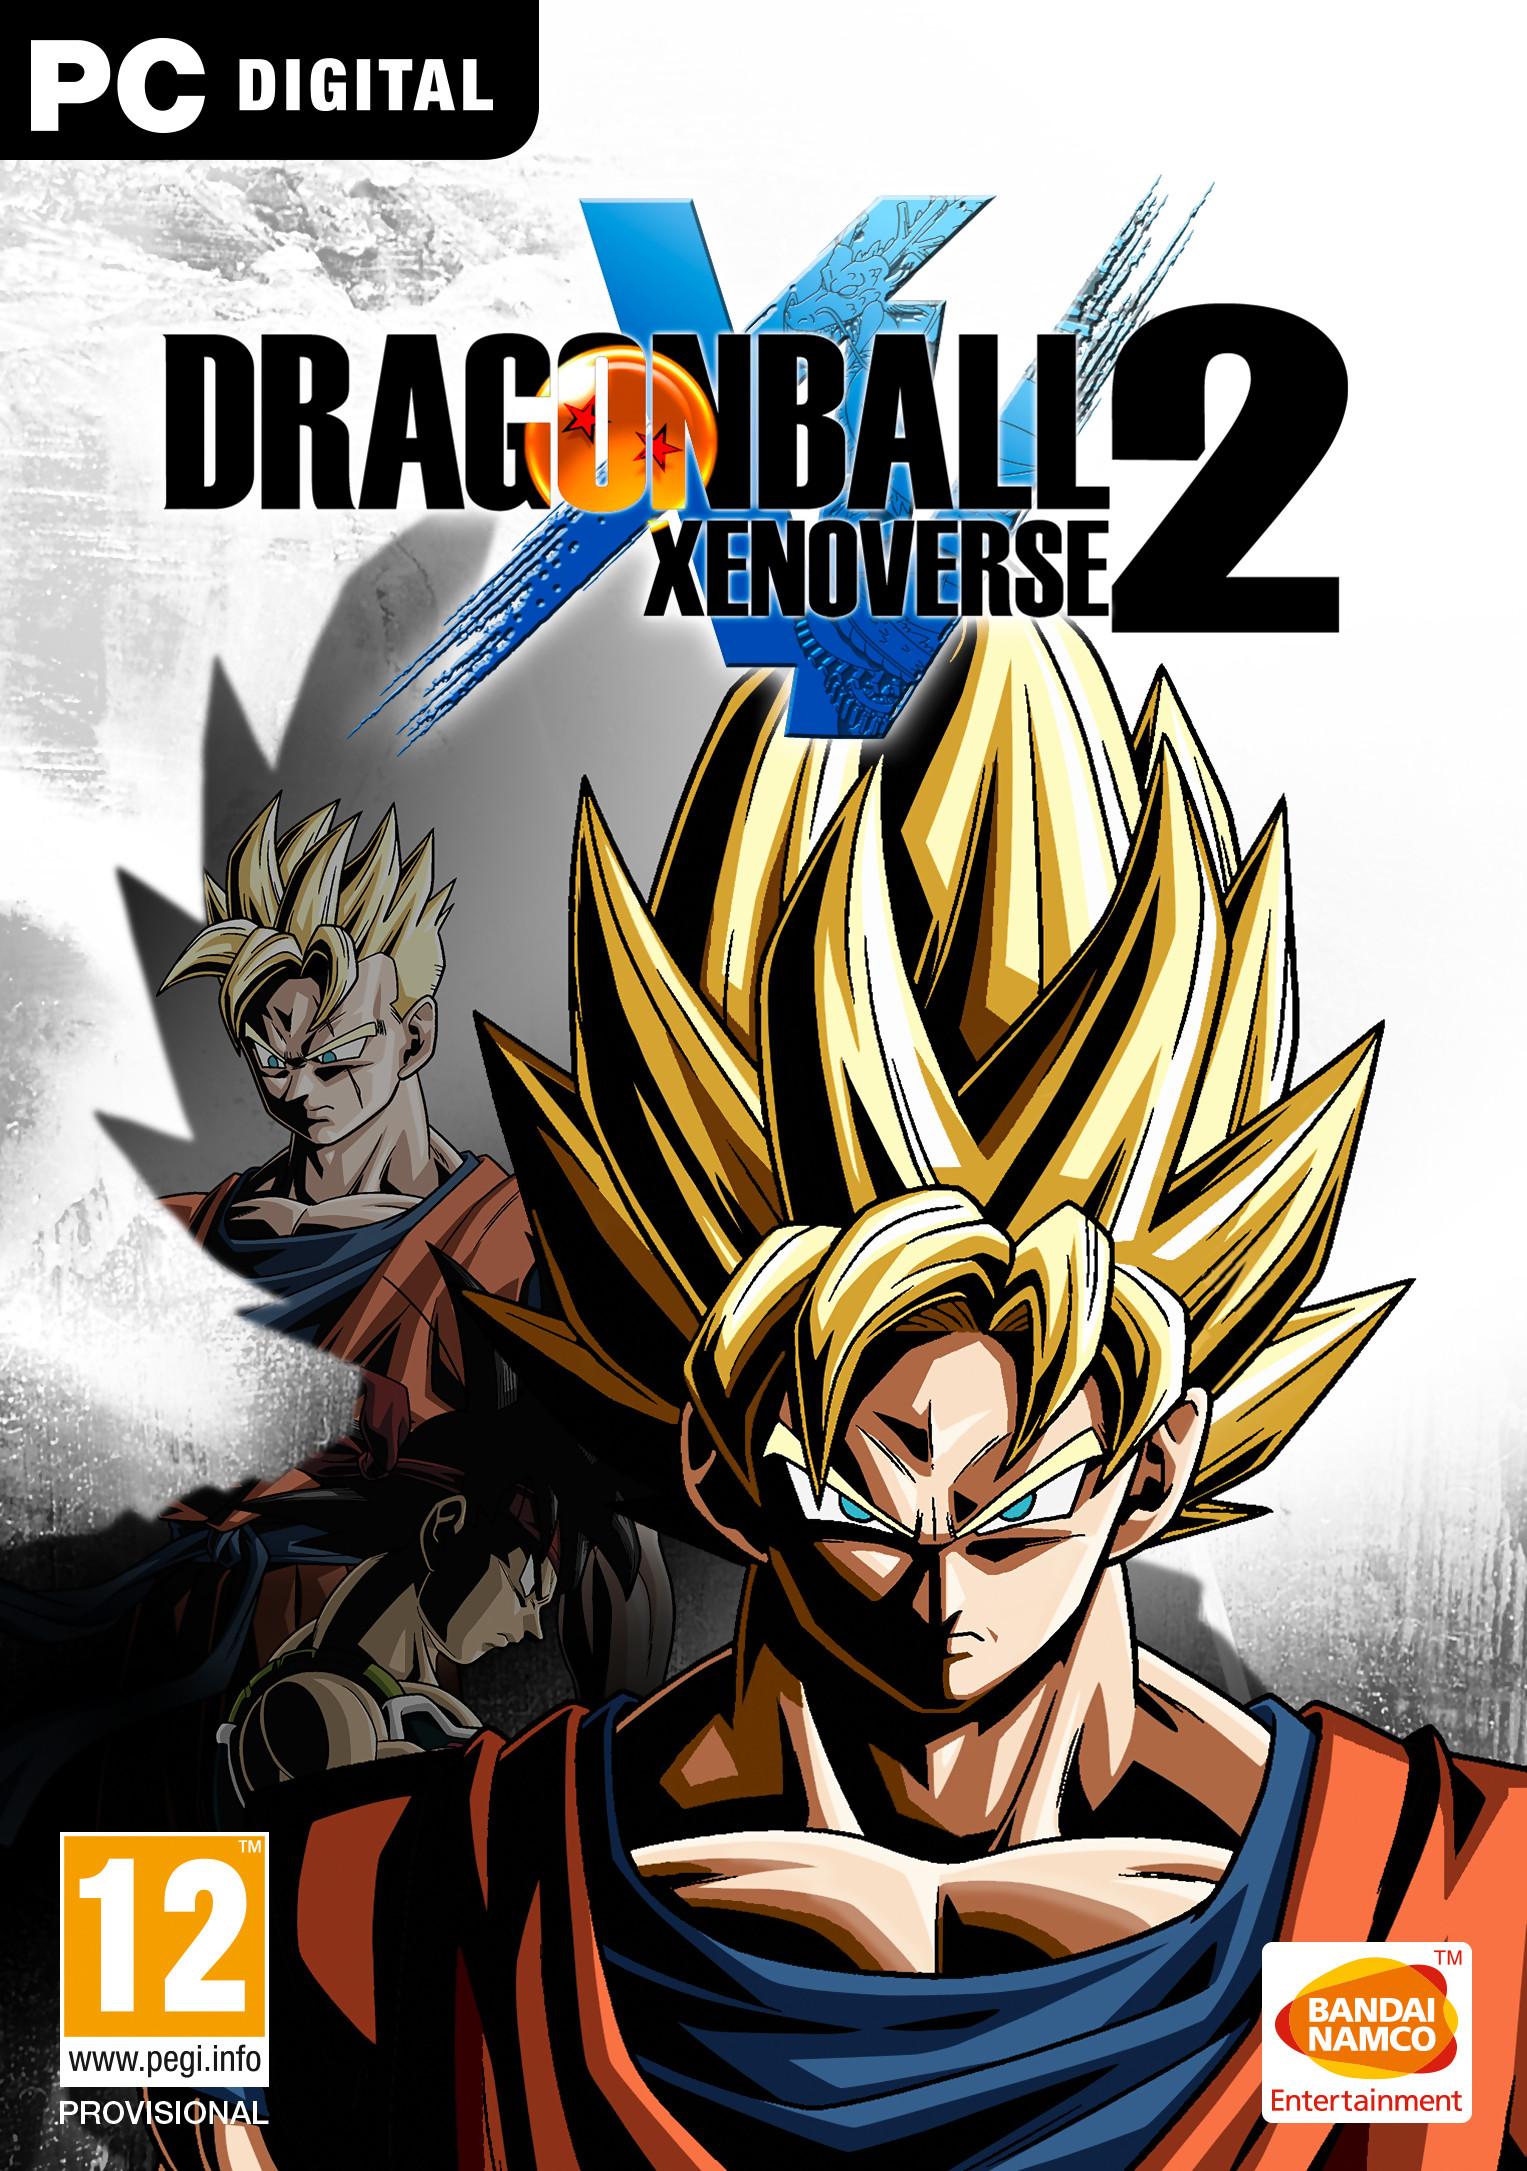 Dragon Ball Xenoverse 2 Toutes Les Images De Goku Ultra